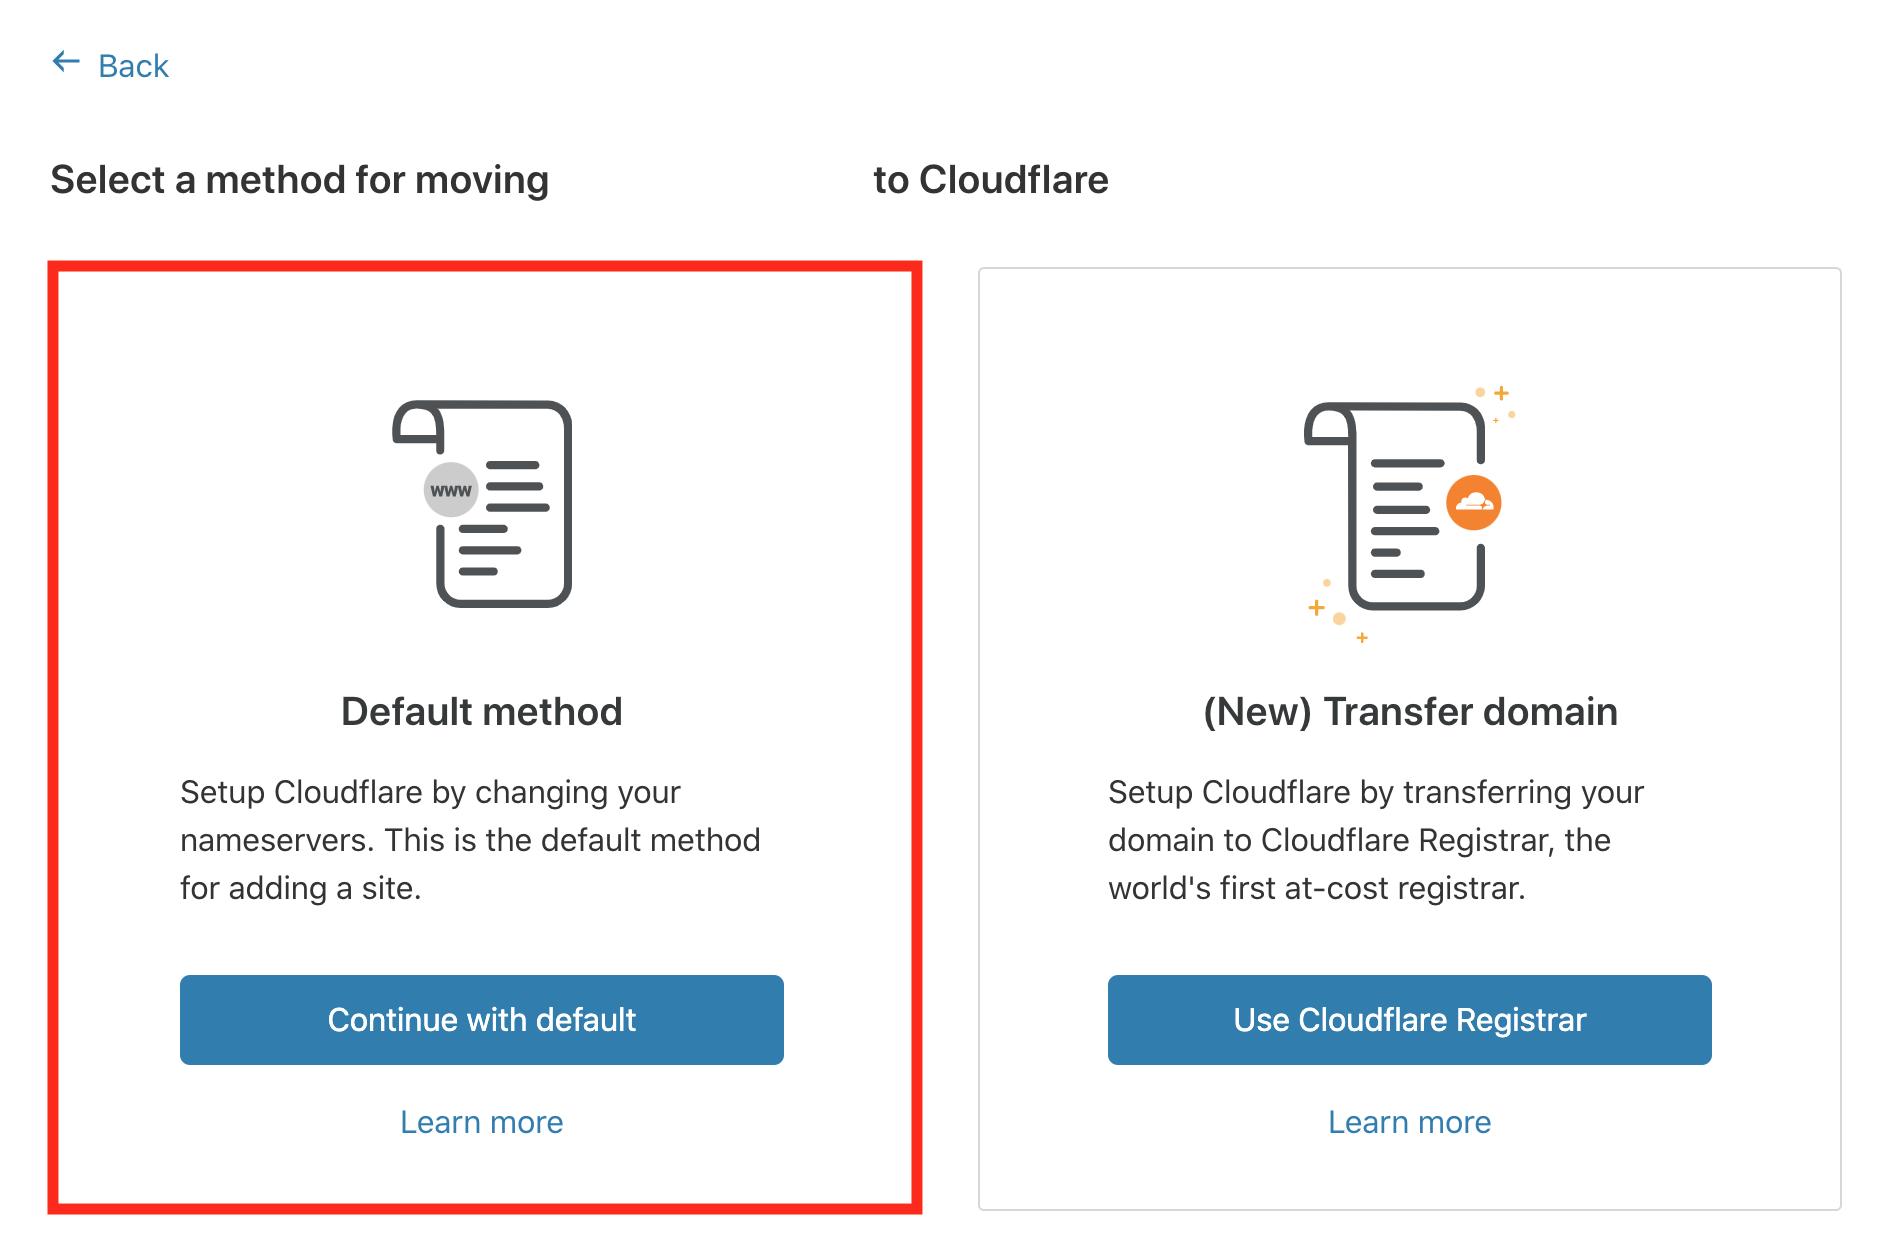 06 Cloudflareでネームサーバーを変更する方法を選択